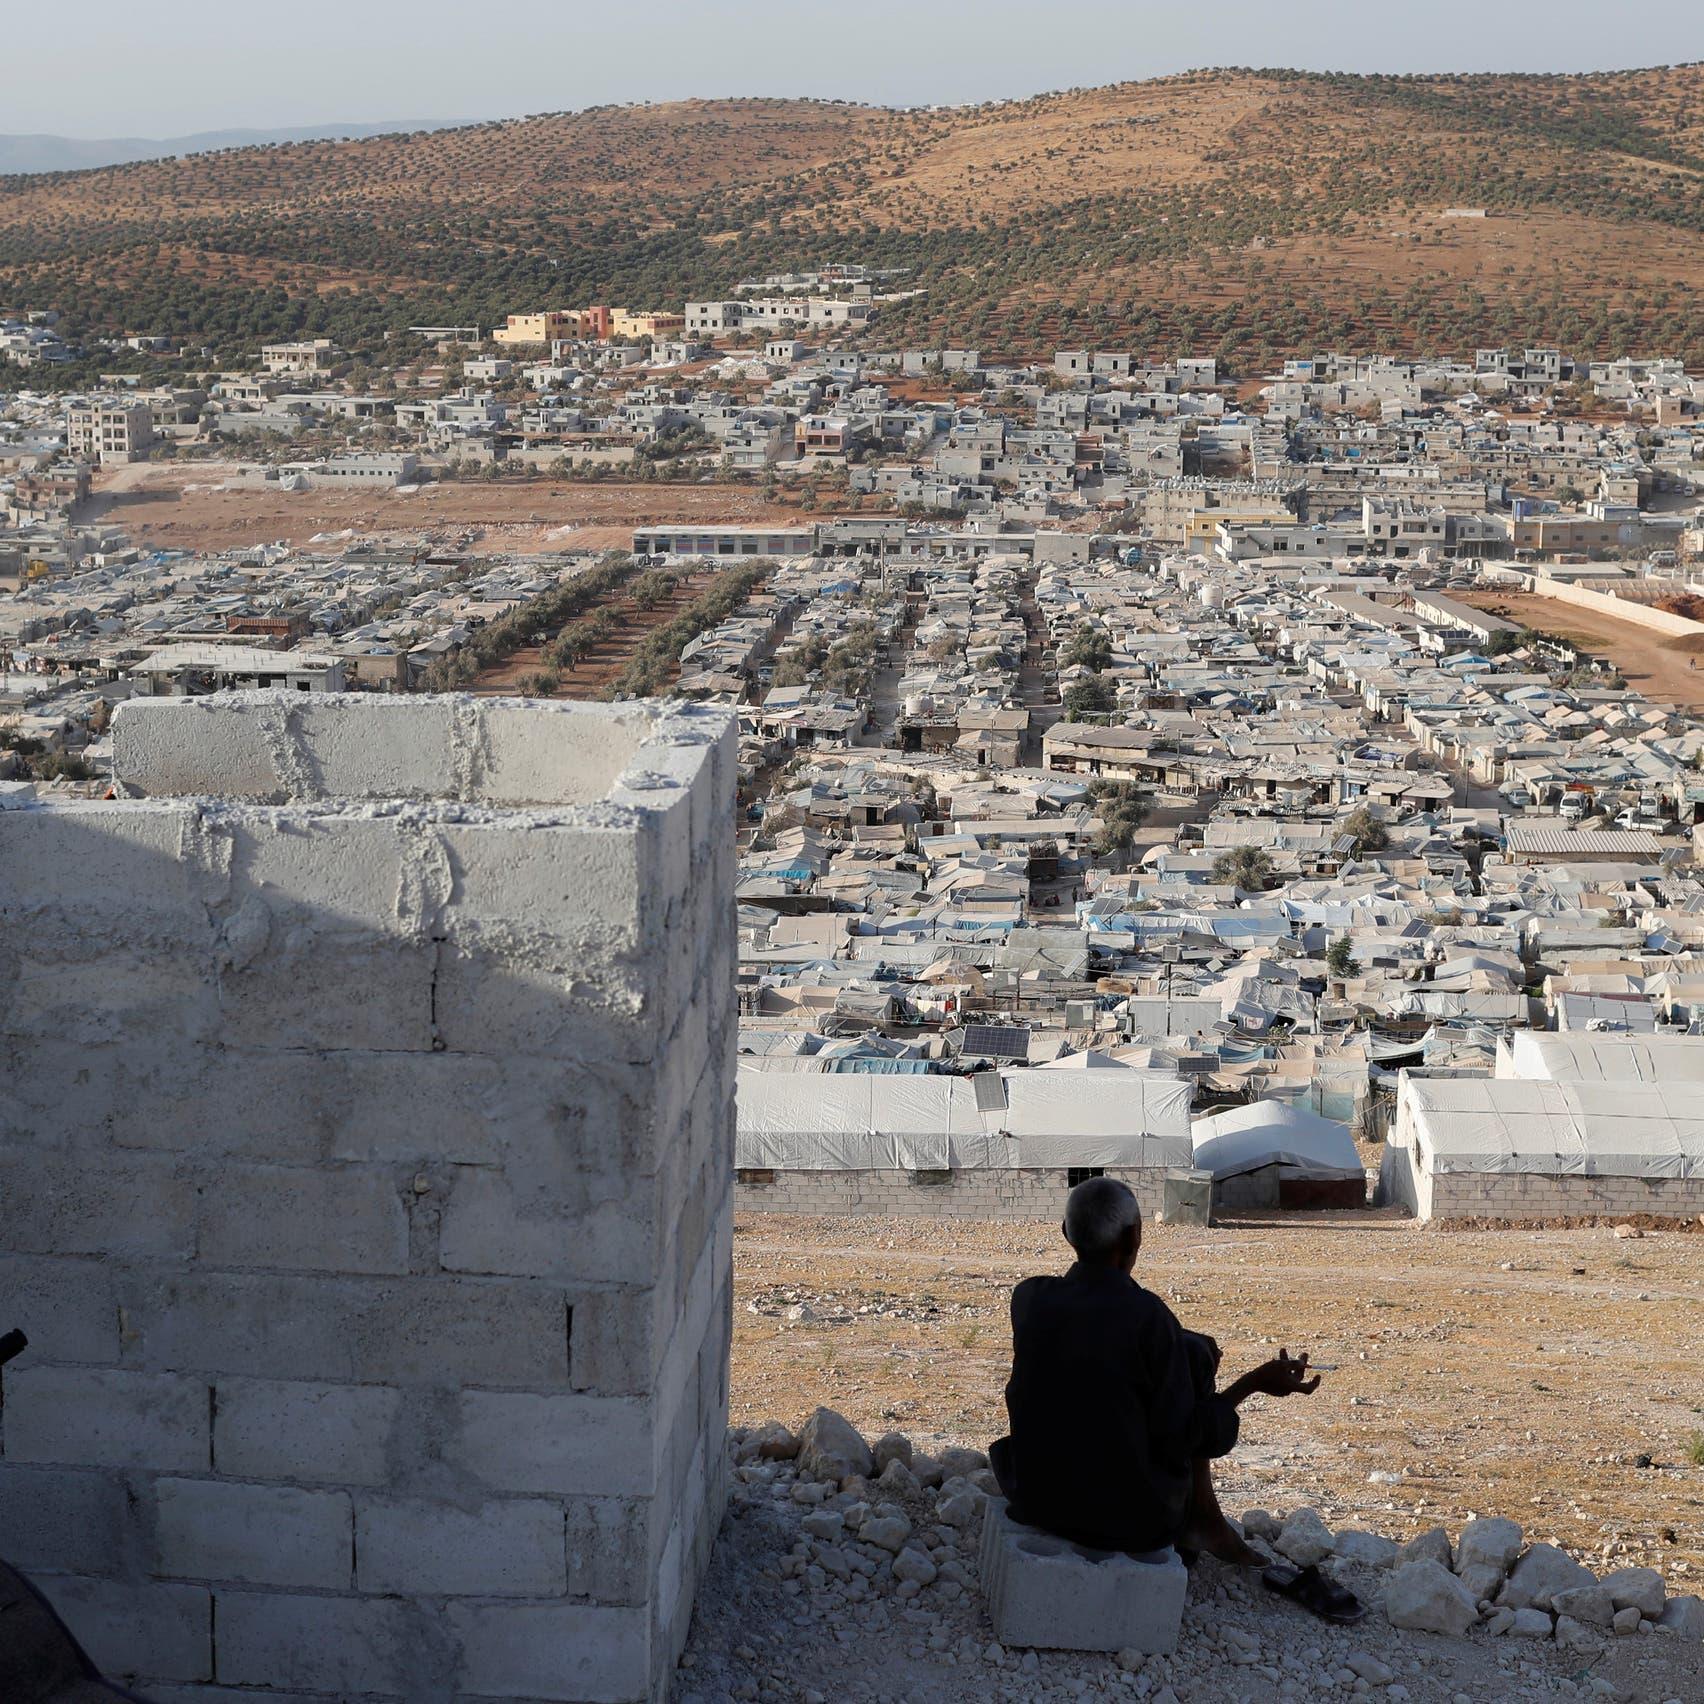 هذه خطة تركيا للمنطقة الآمنة في شمال شرق سوريا